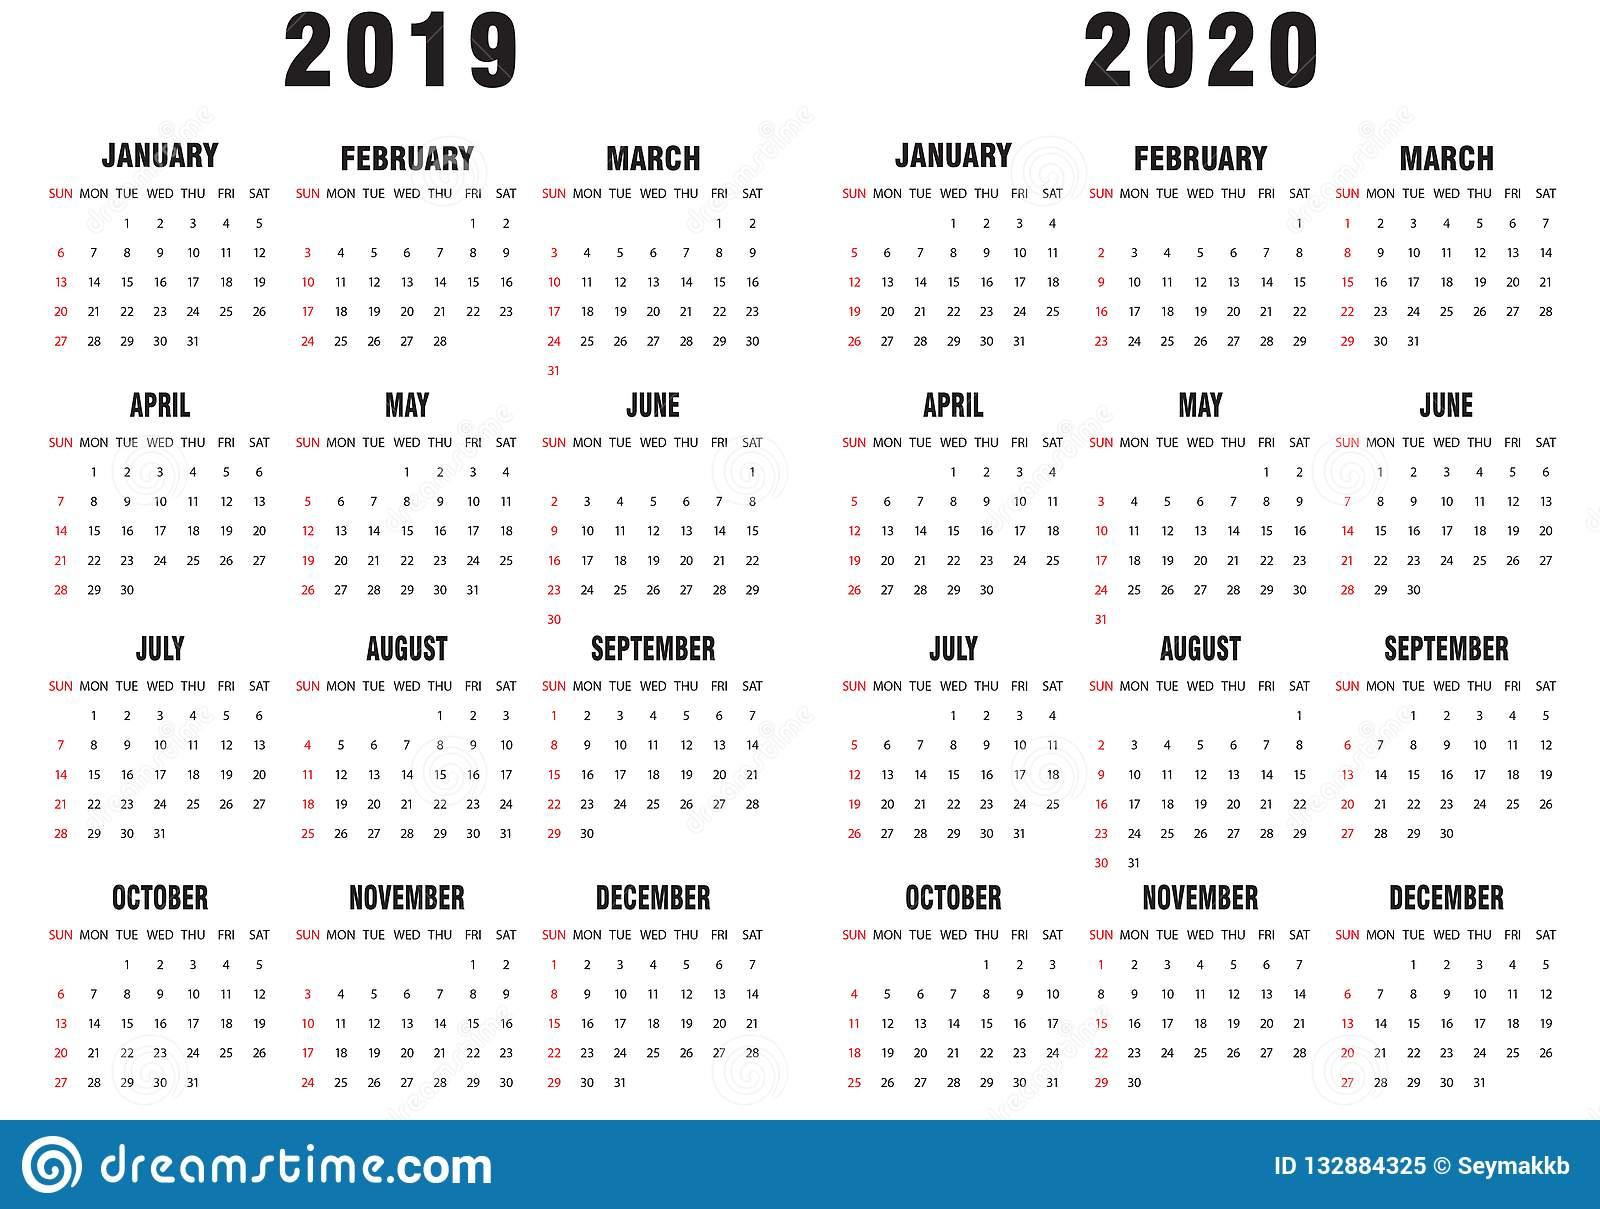 Календарь 2019-2020 Черно-Белый Иллюстрация Вектора - Иллюстрации throughout Calendar 2019 2020 With Boxes